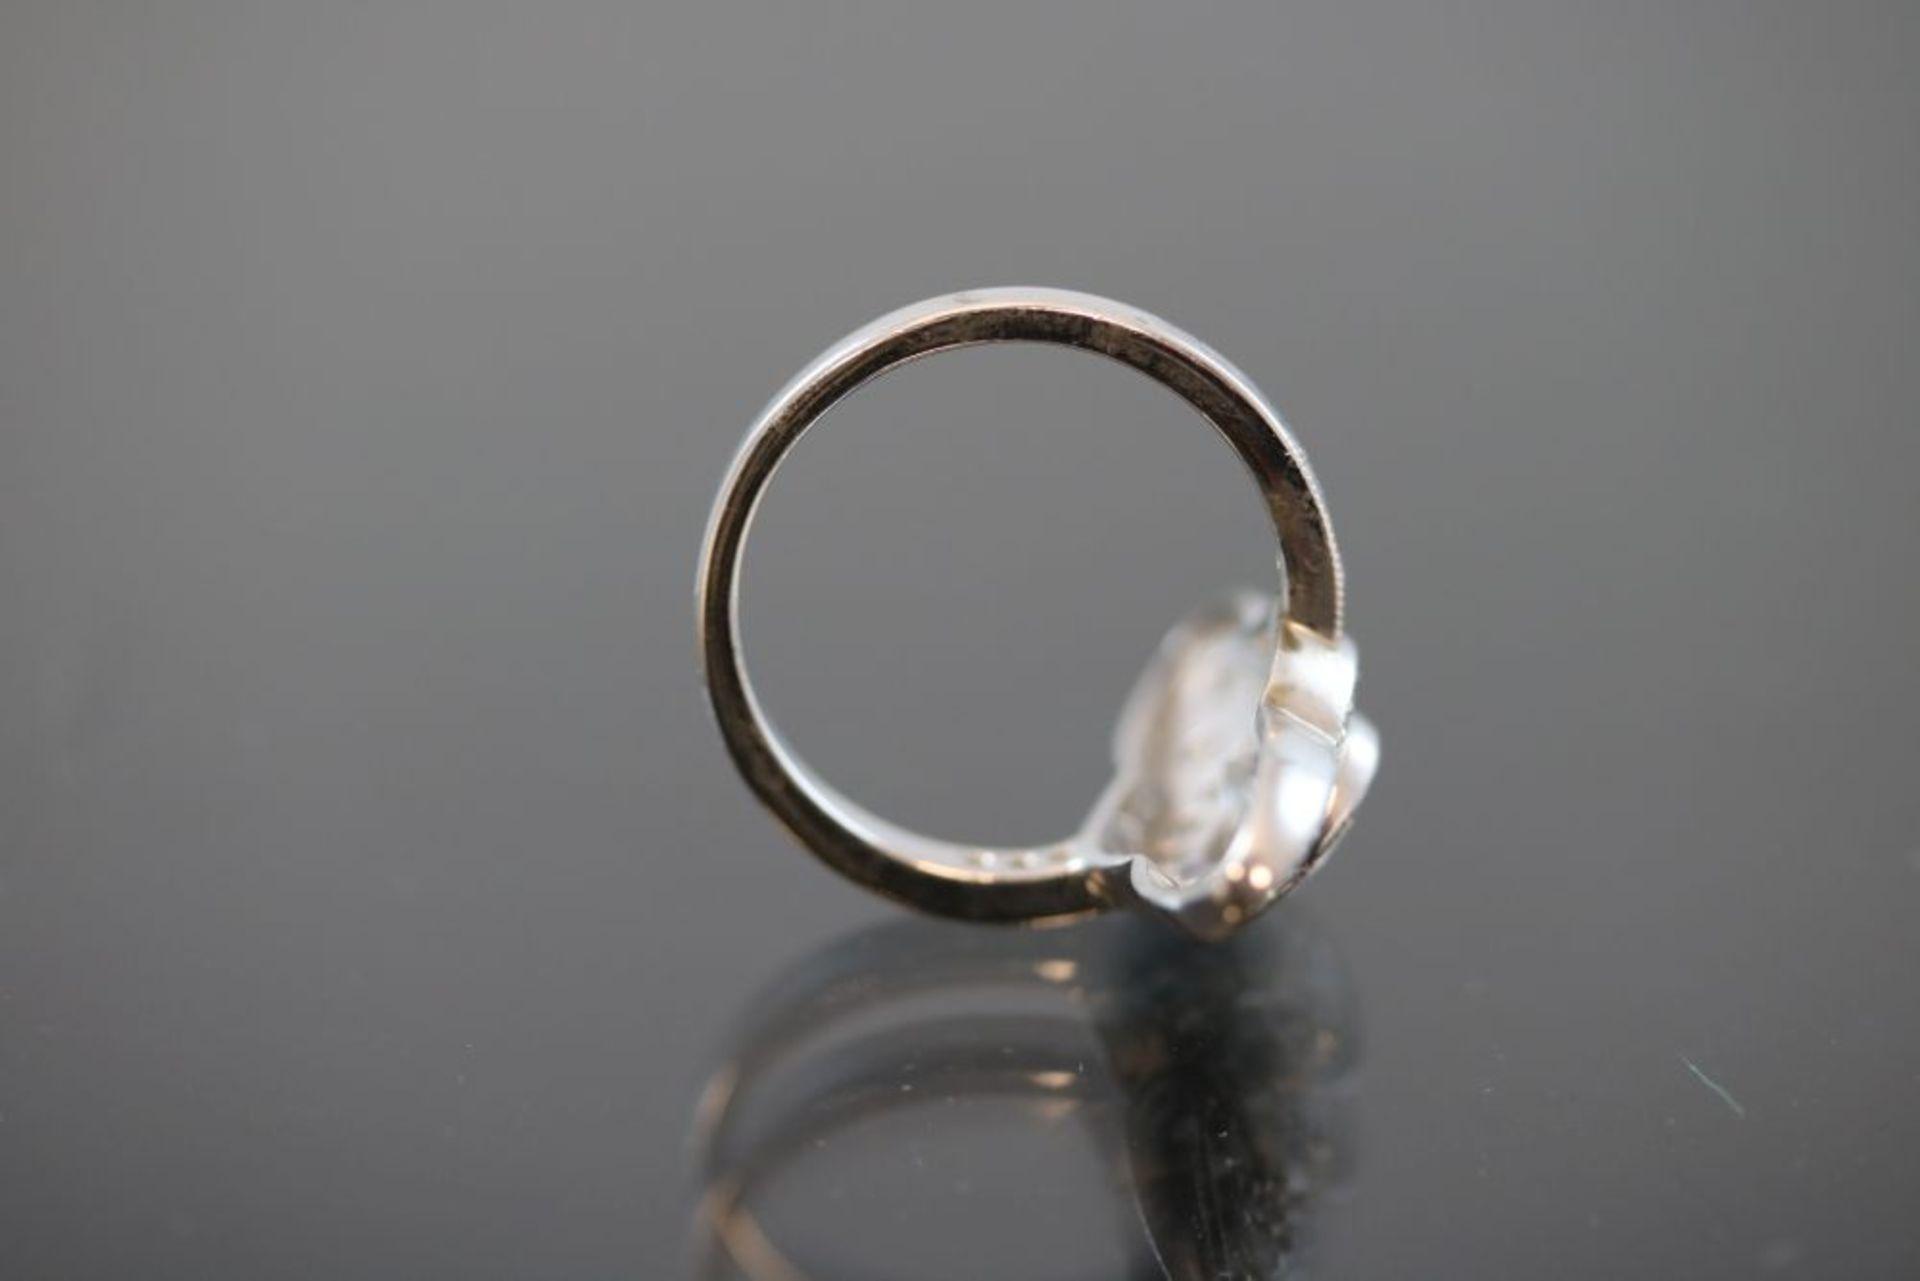 Brillant-Ring, 750 Weißgold - Bild 3 aus 3